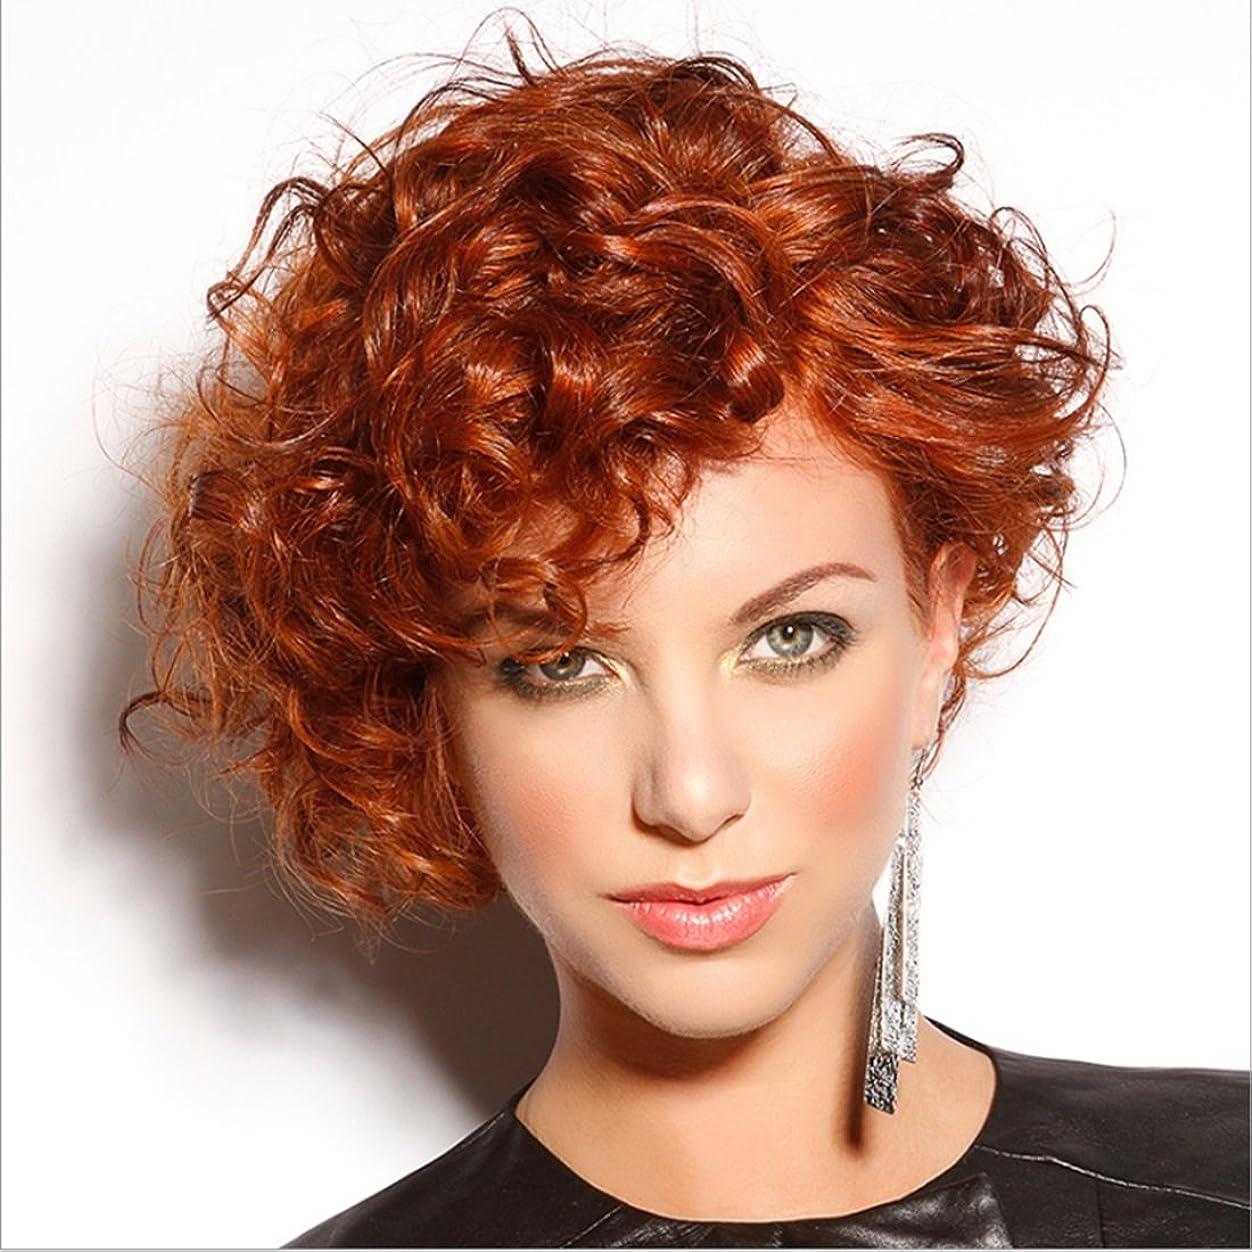 回復割り当て農村BOBIDYEE 20センチメートルボボヘッドかつら部分的な斜め前髪付き女性の短い巻き毛のかつら若者の人格女性ファッションかつら (色 : ワインレッド)